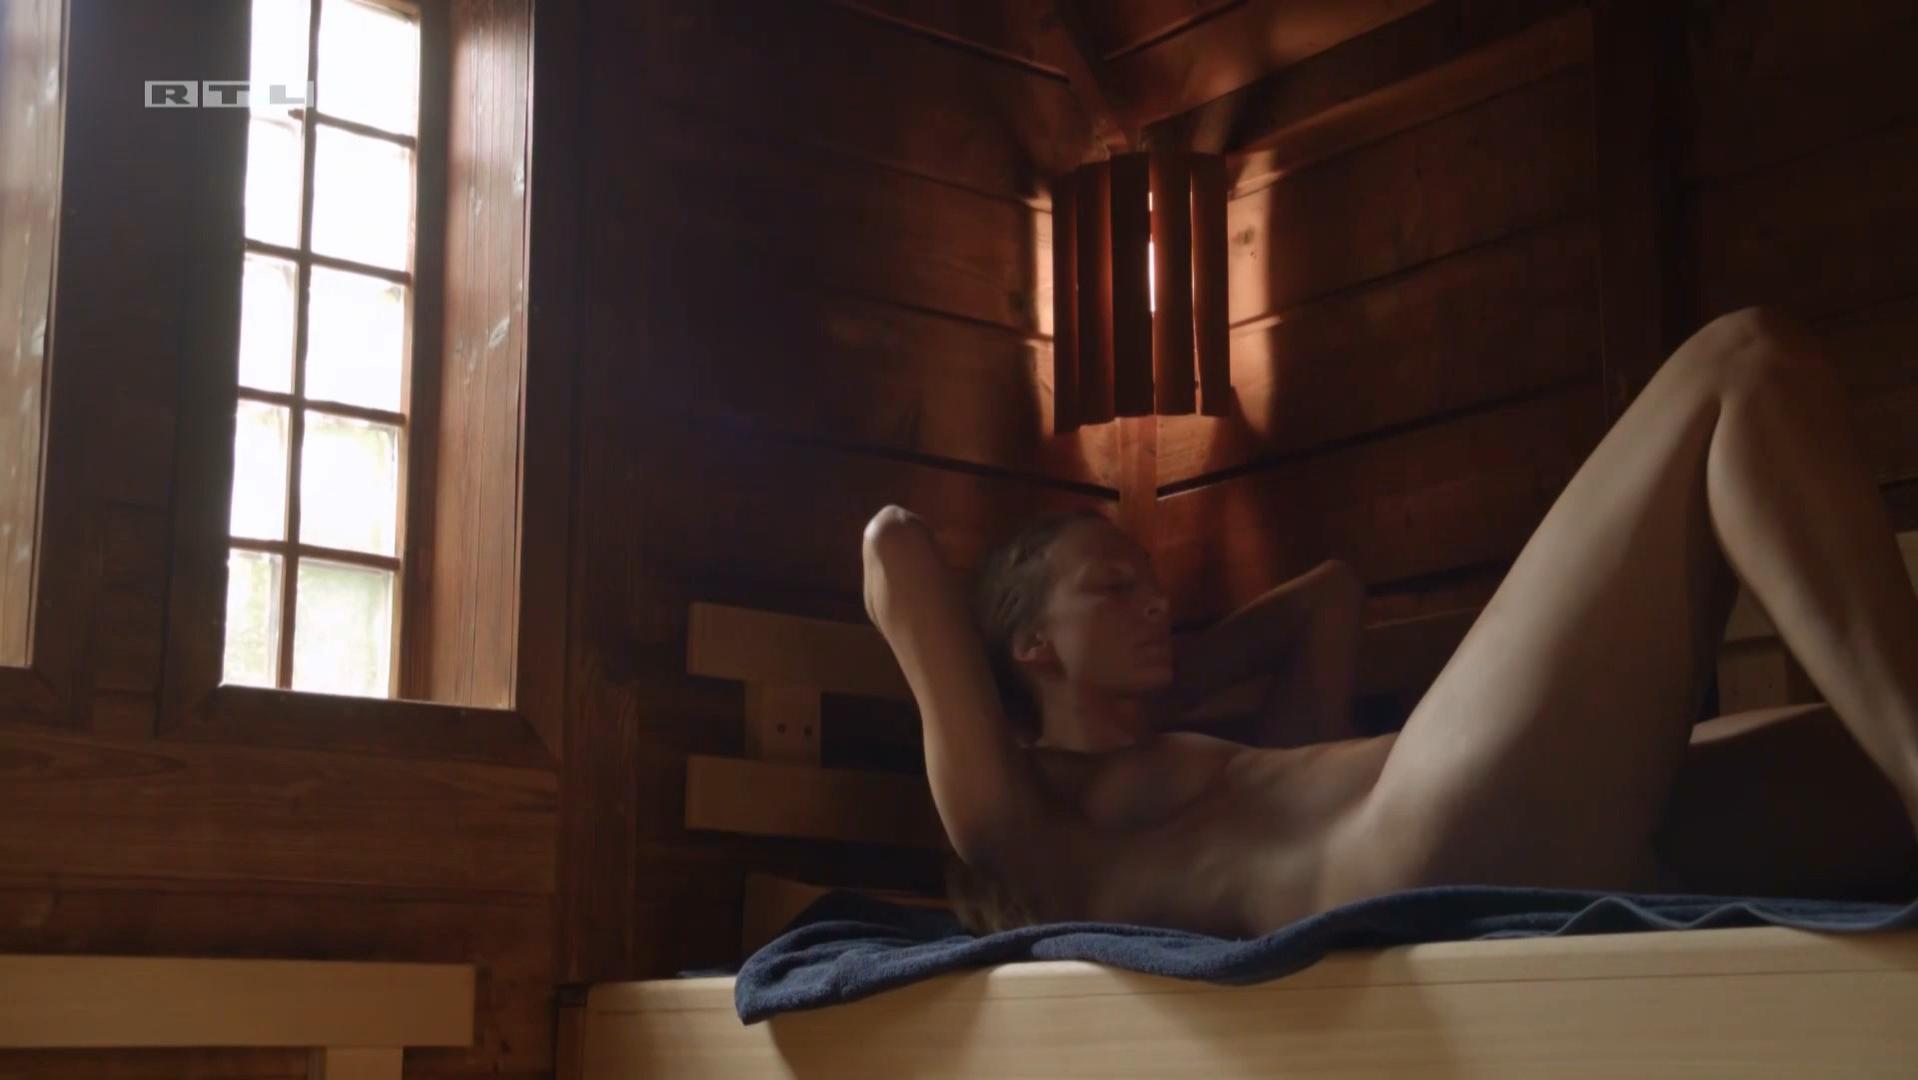 jantje billker nackt